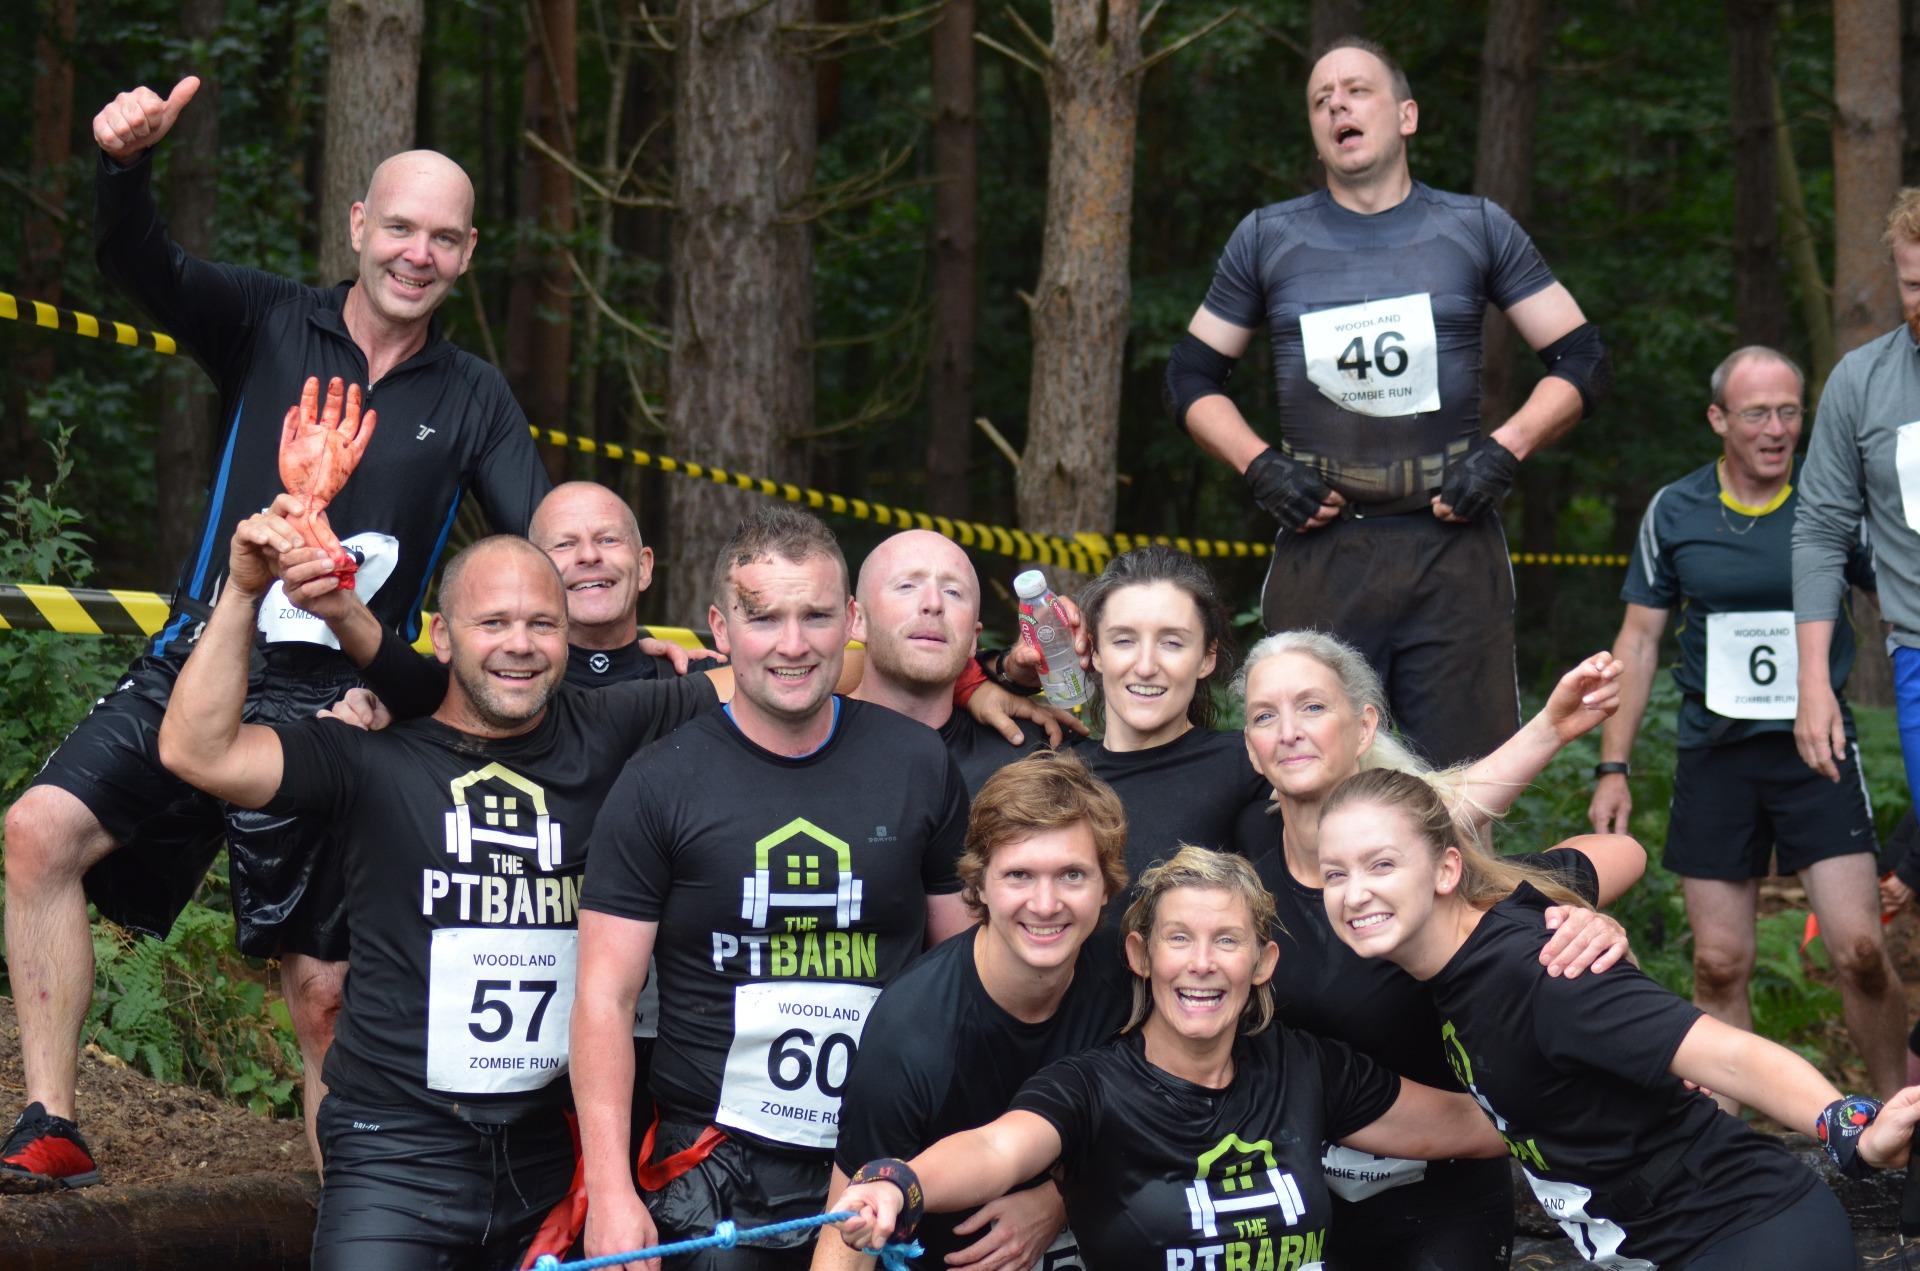 The PT Barn Running Team